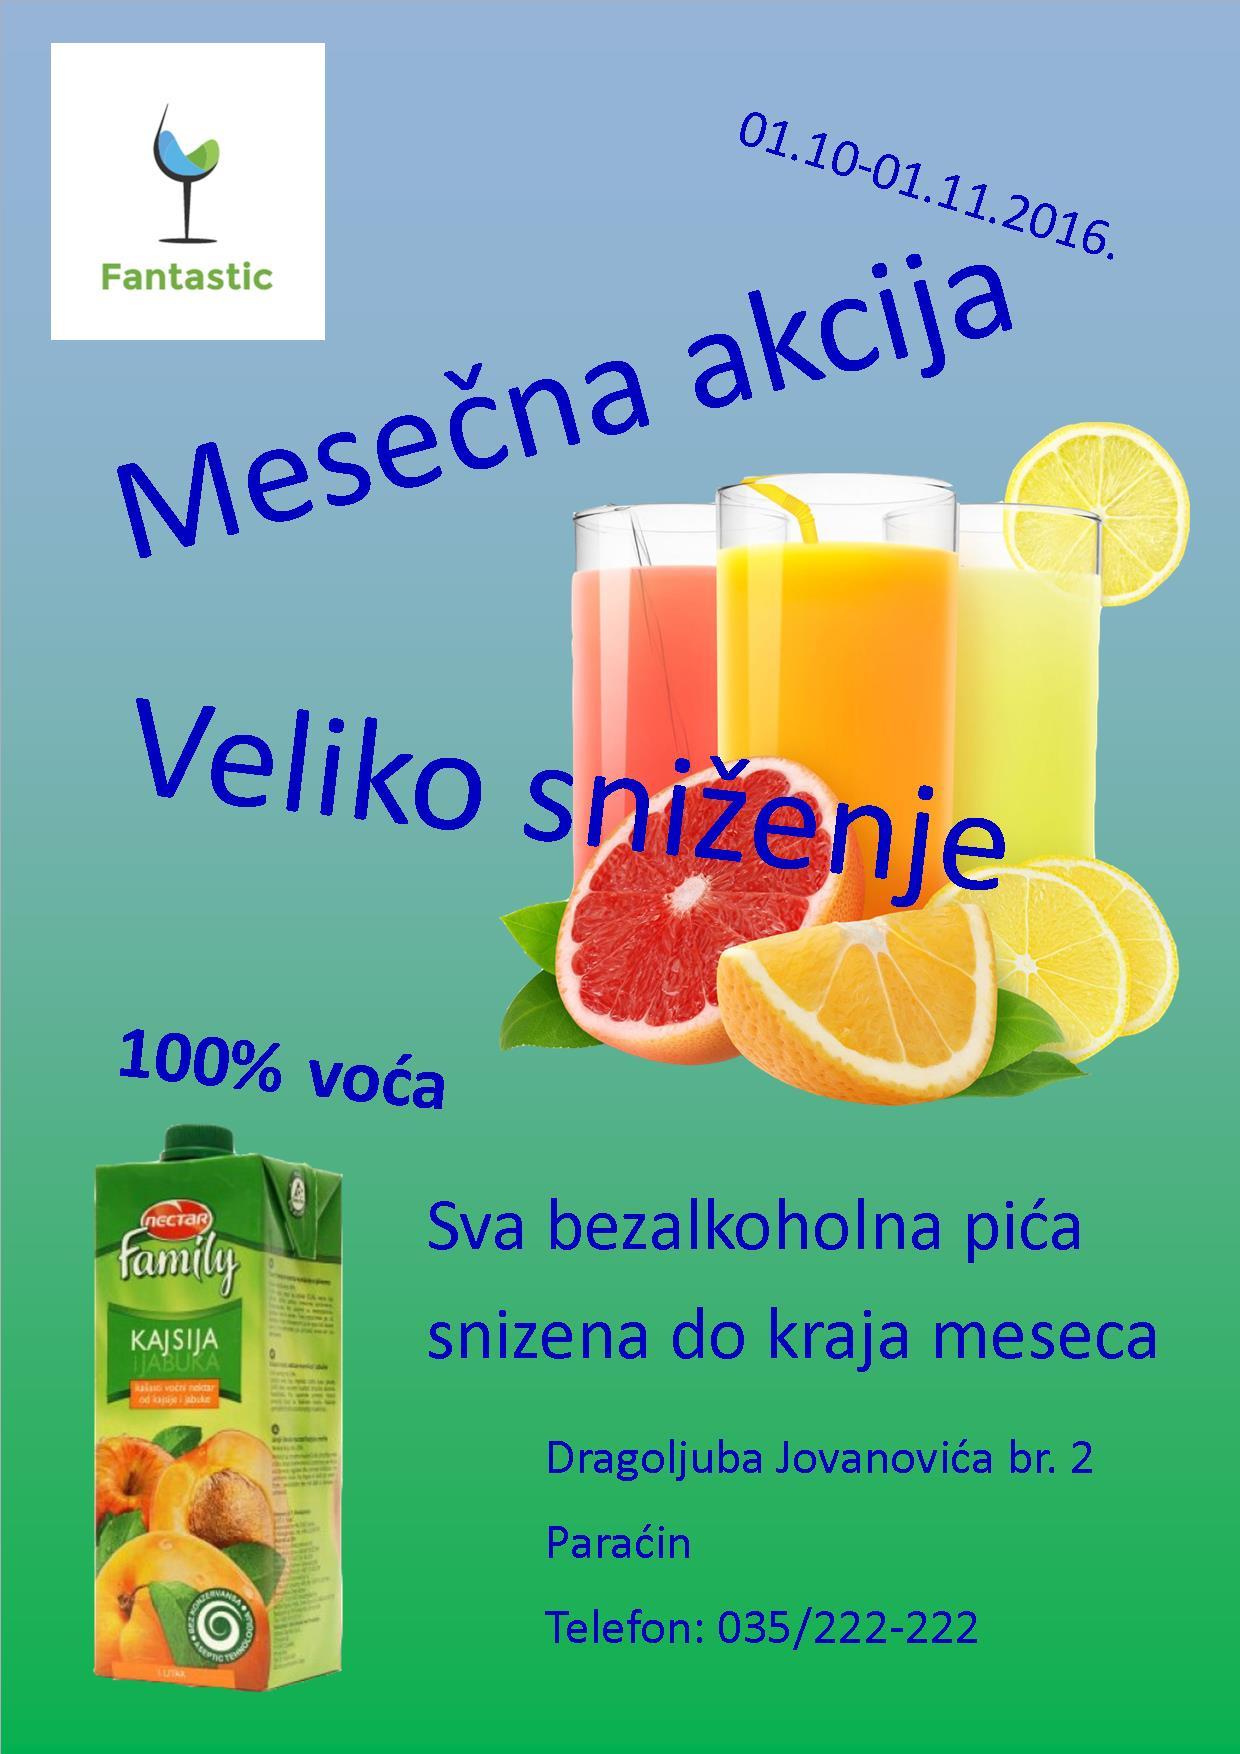 flajer-miliva-jovanovic